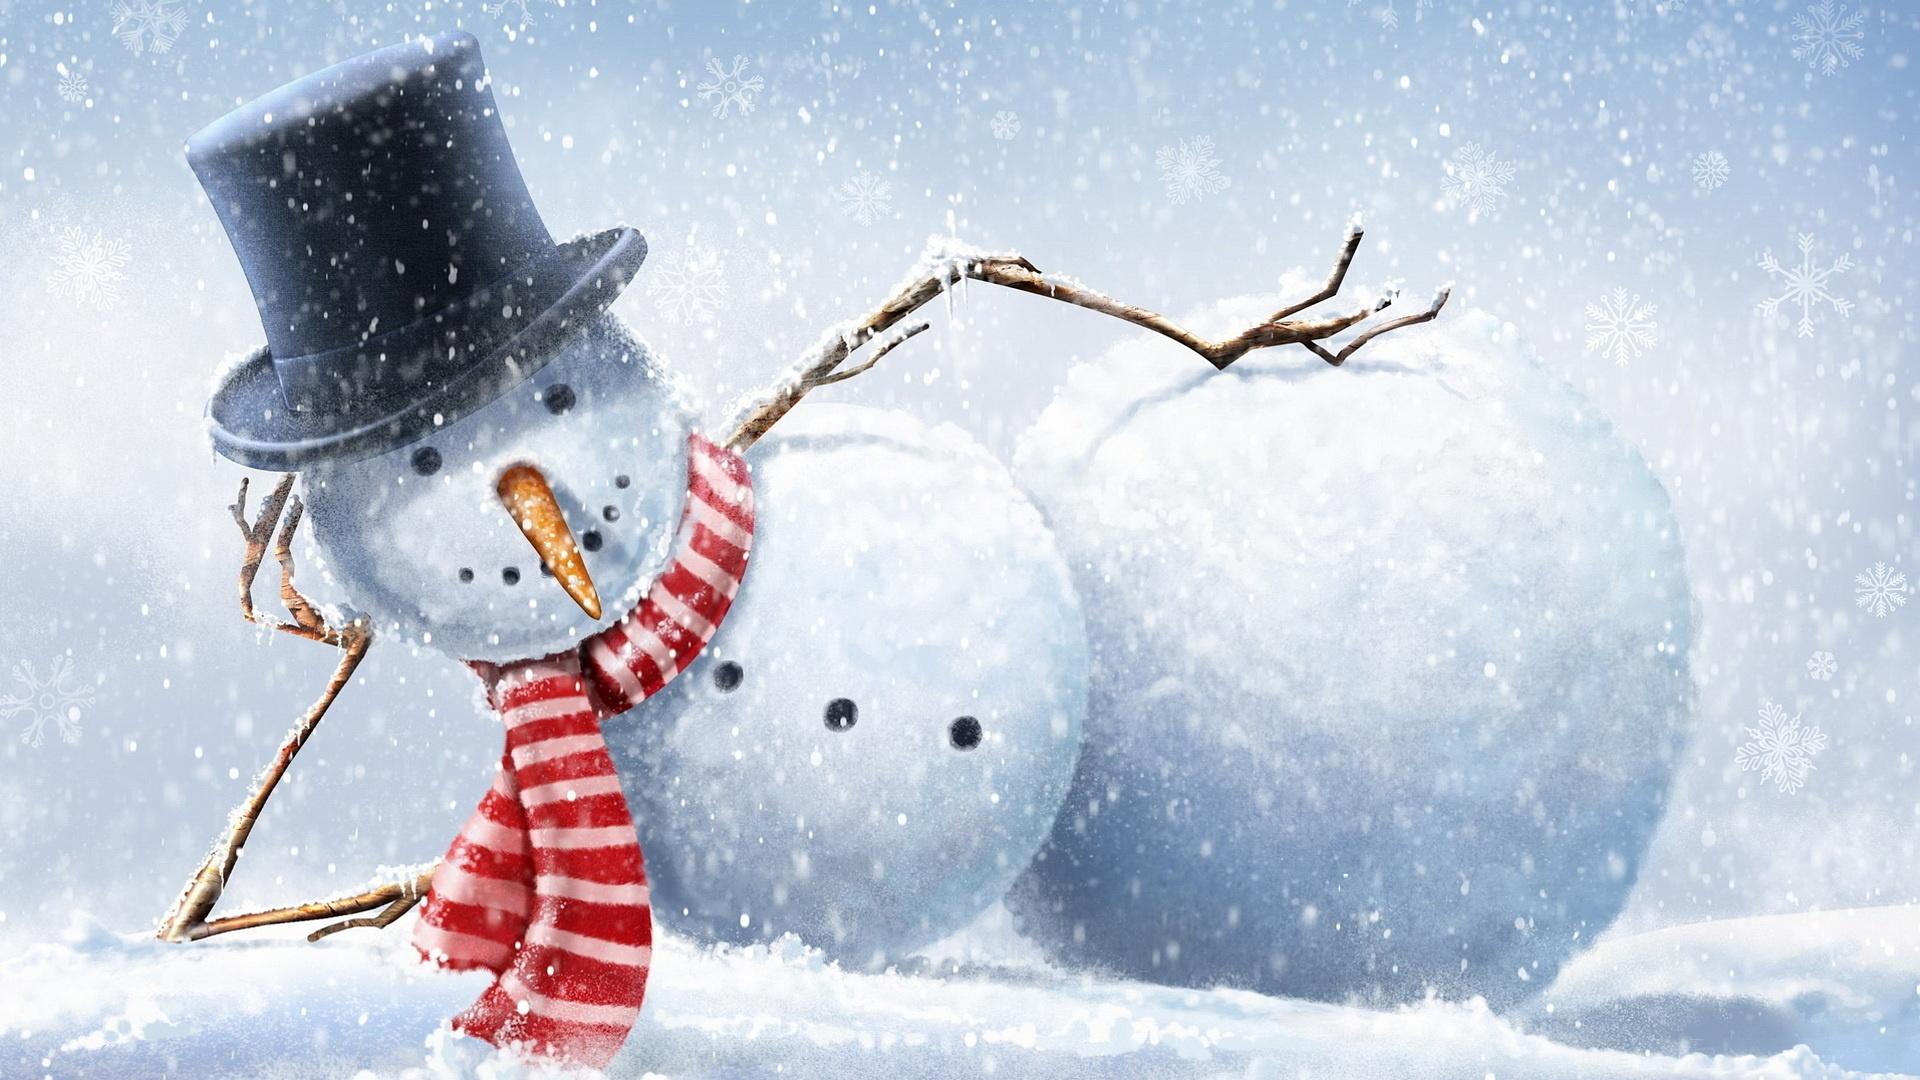 парень, красивые картинки про новый год и зиму чего